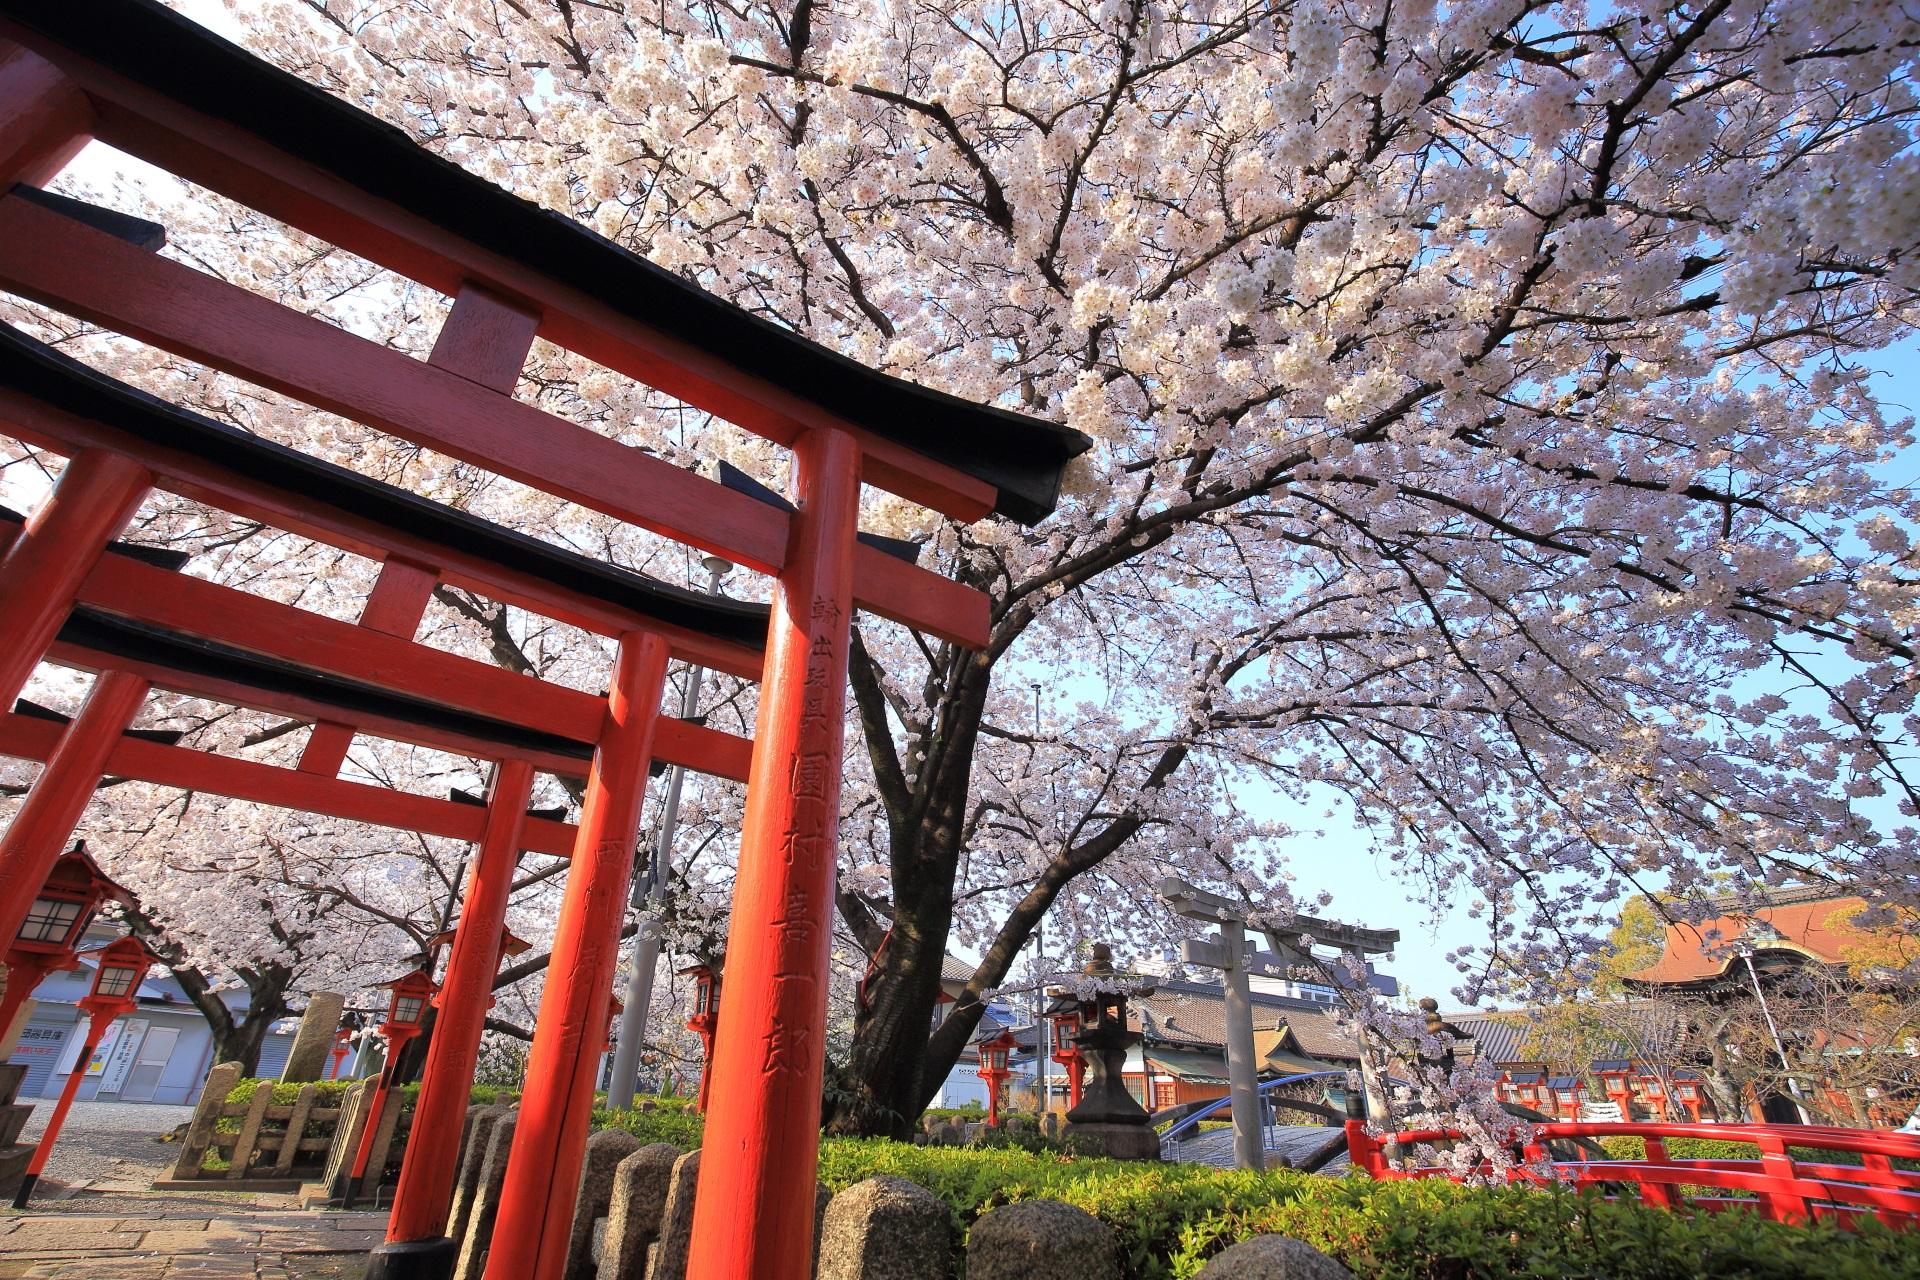 六孫王神社の睦弥稲荷神社の赤い鳥居の上の桜の天井